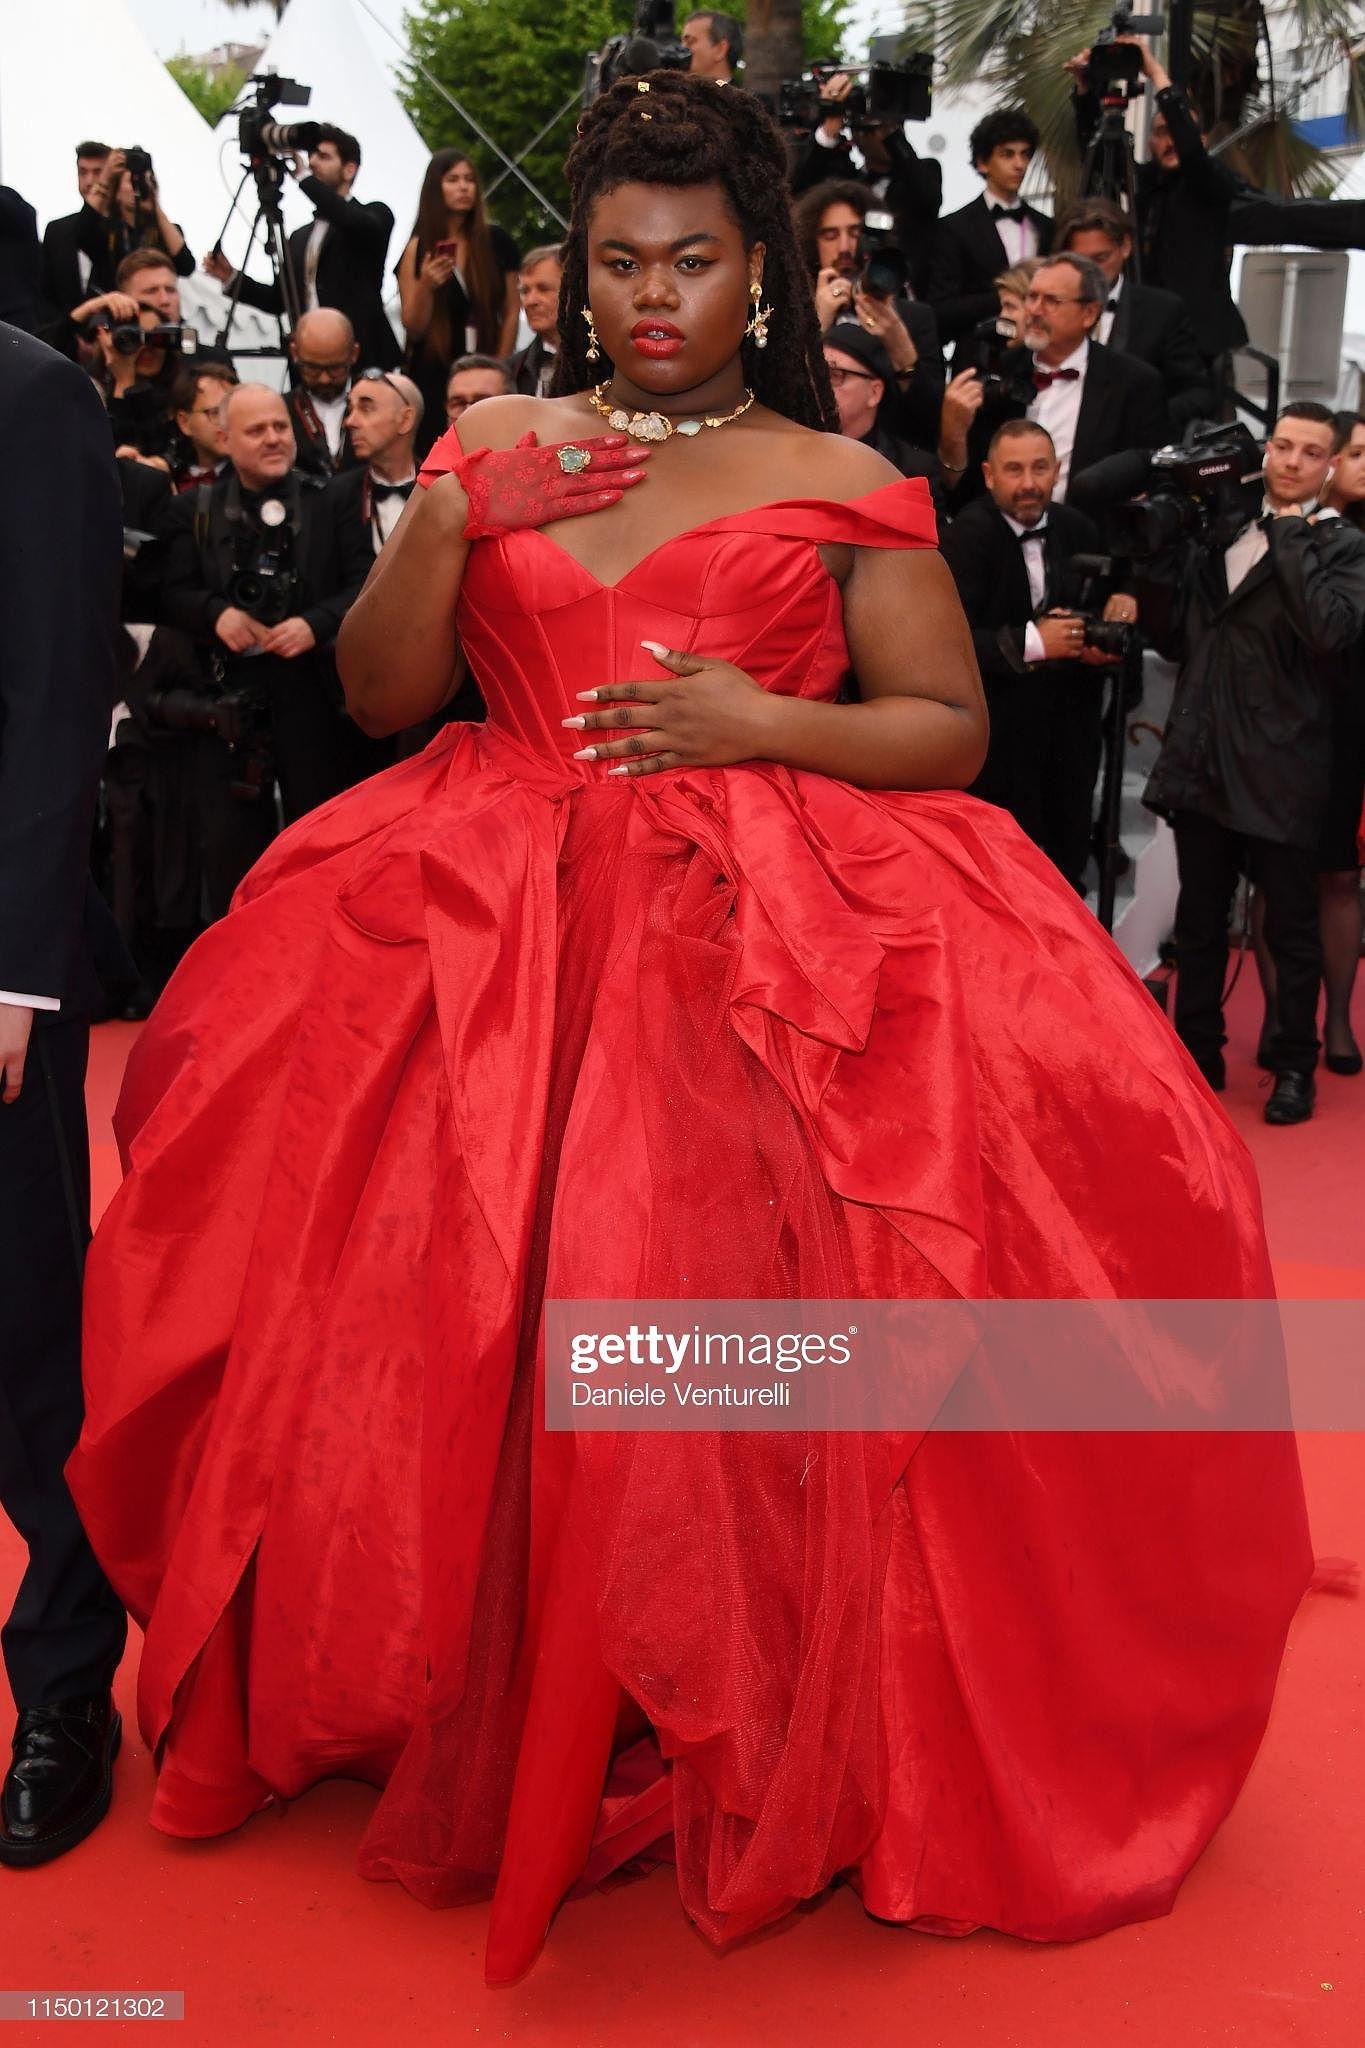 Siêu mẫu đồ nhỏ mặc như không, dàn nam vũ công quằn quại trên thảm đỏ Cannes - Hình 30